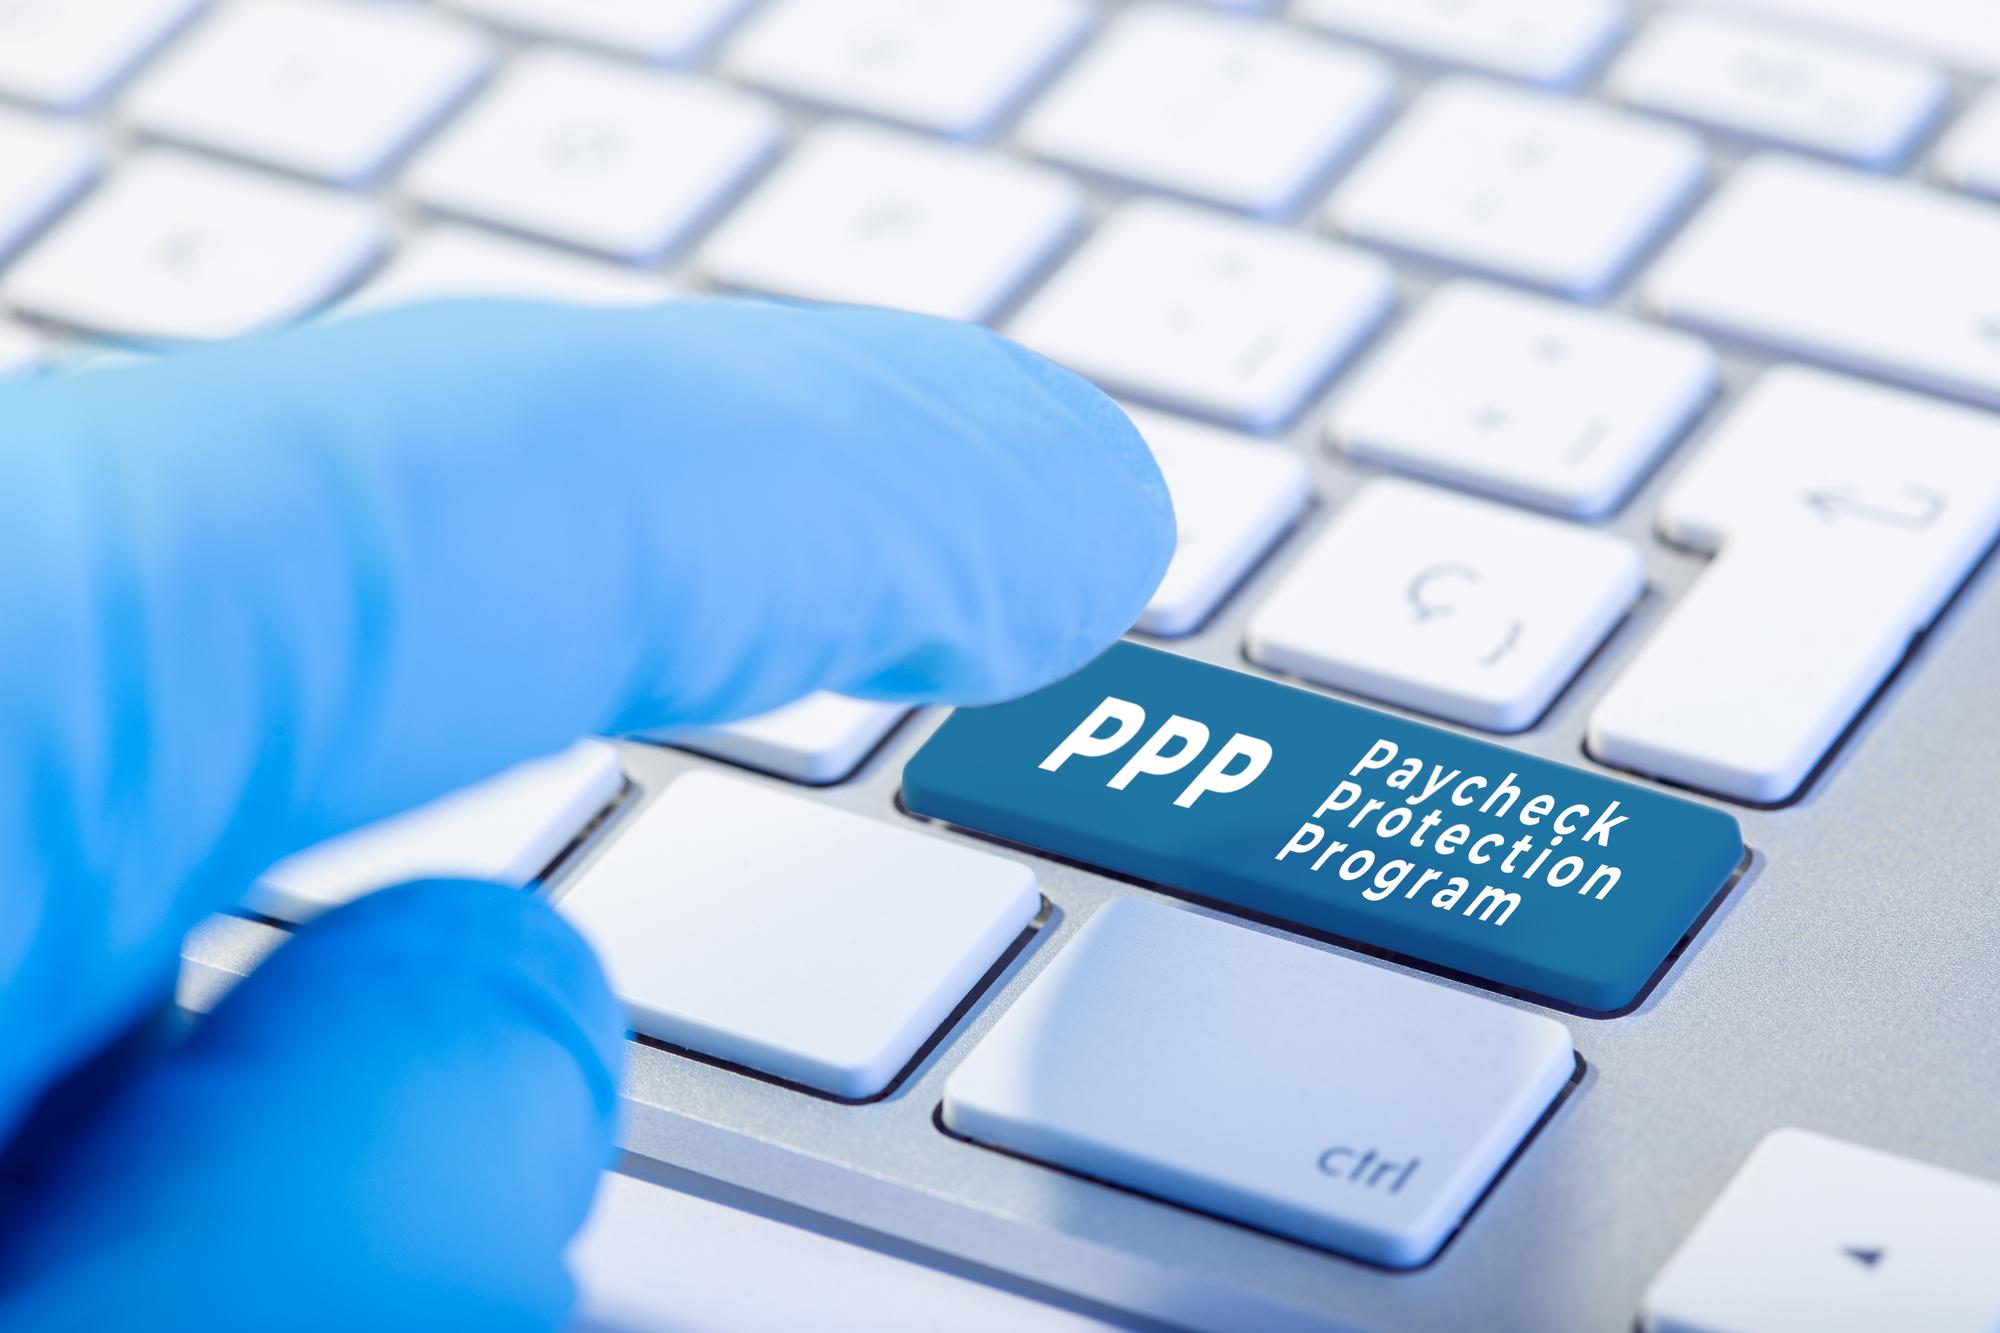 pushing PPP key on computer keyboard